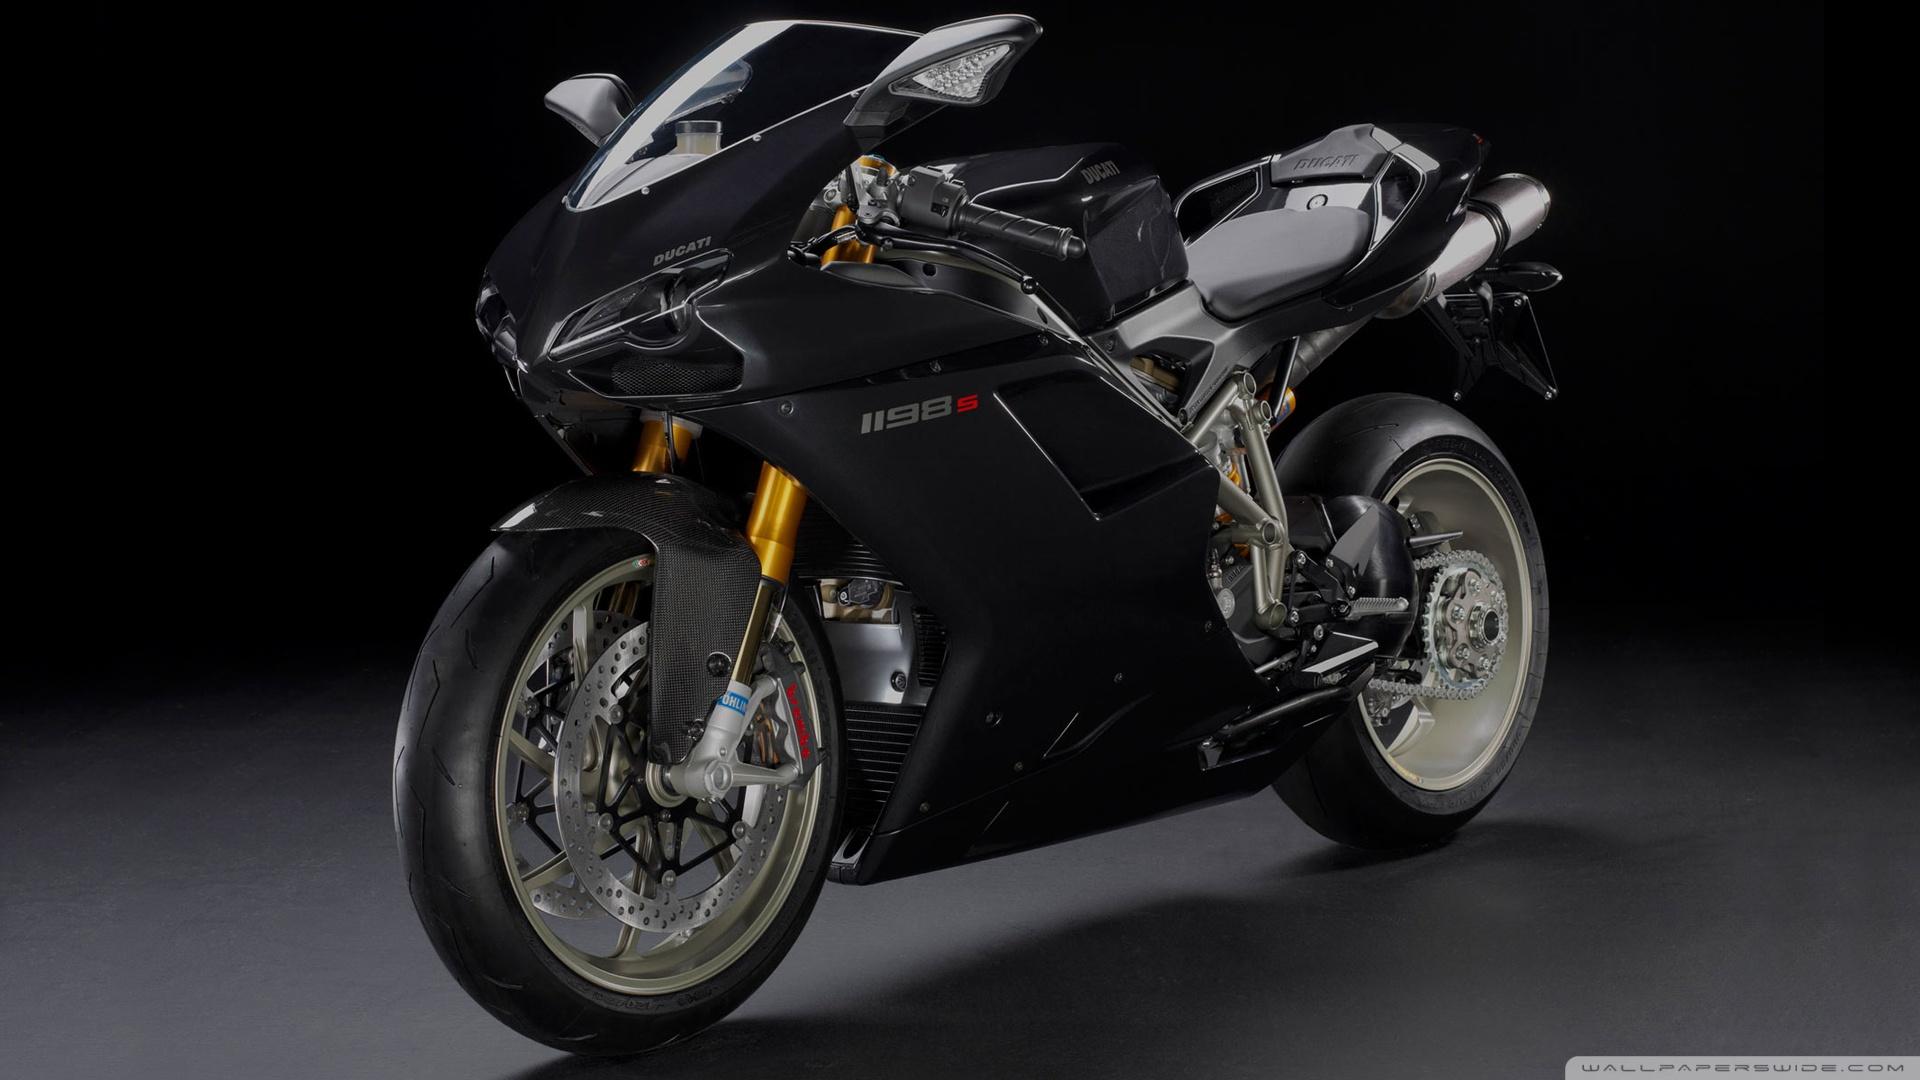 Three Monitor Hd Wallpaper Car Racing Ducati 1198s Superbike 4k Hd Desktop Wallpaper For 4k